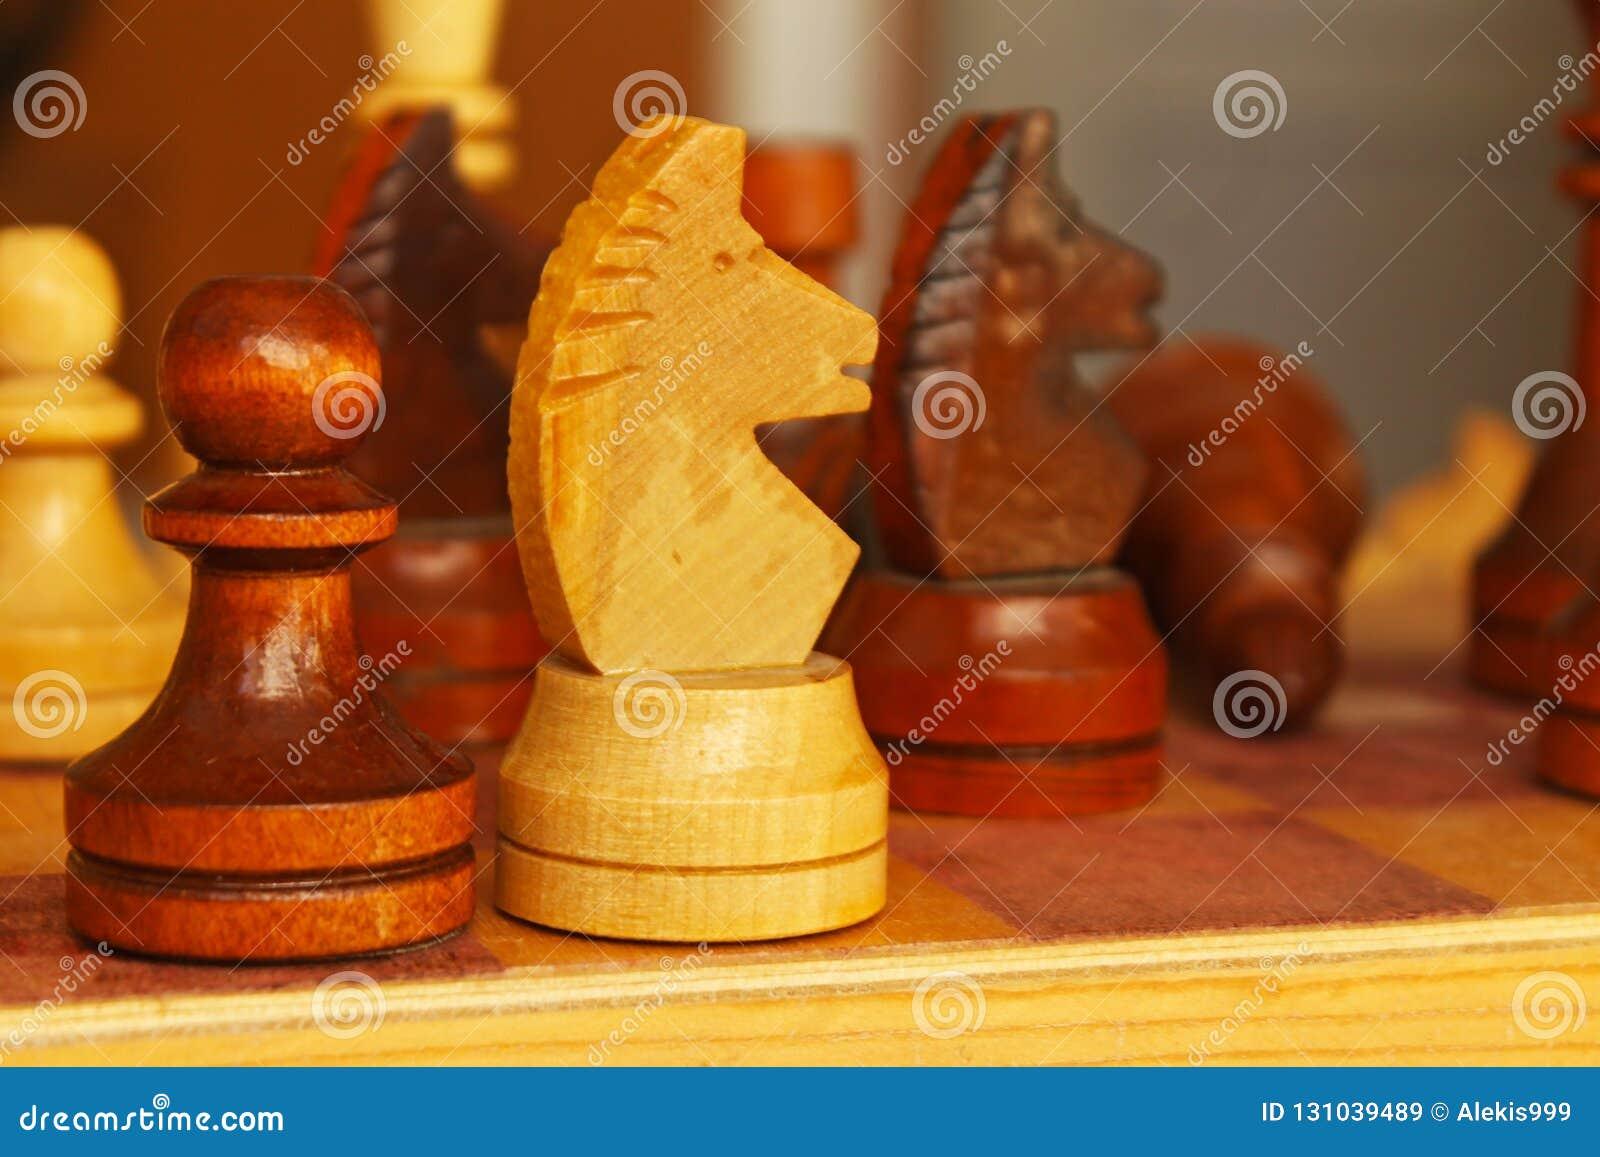 Шахматные фигуры на таблице